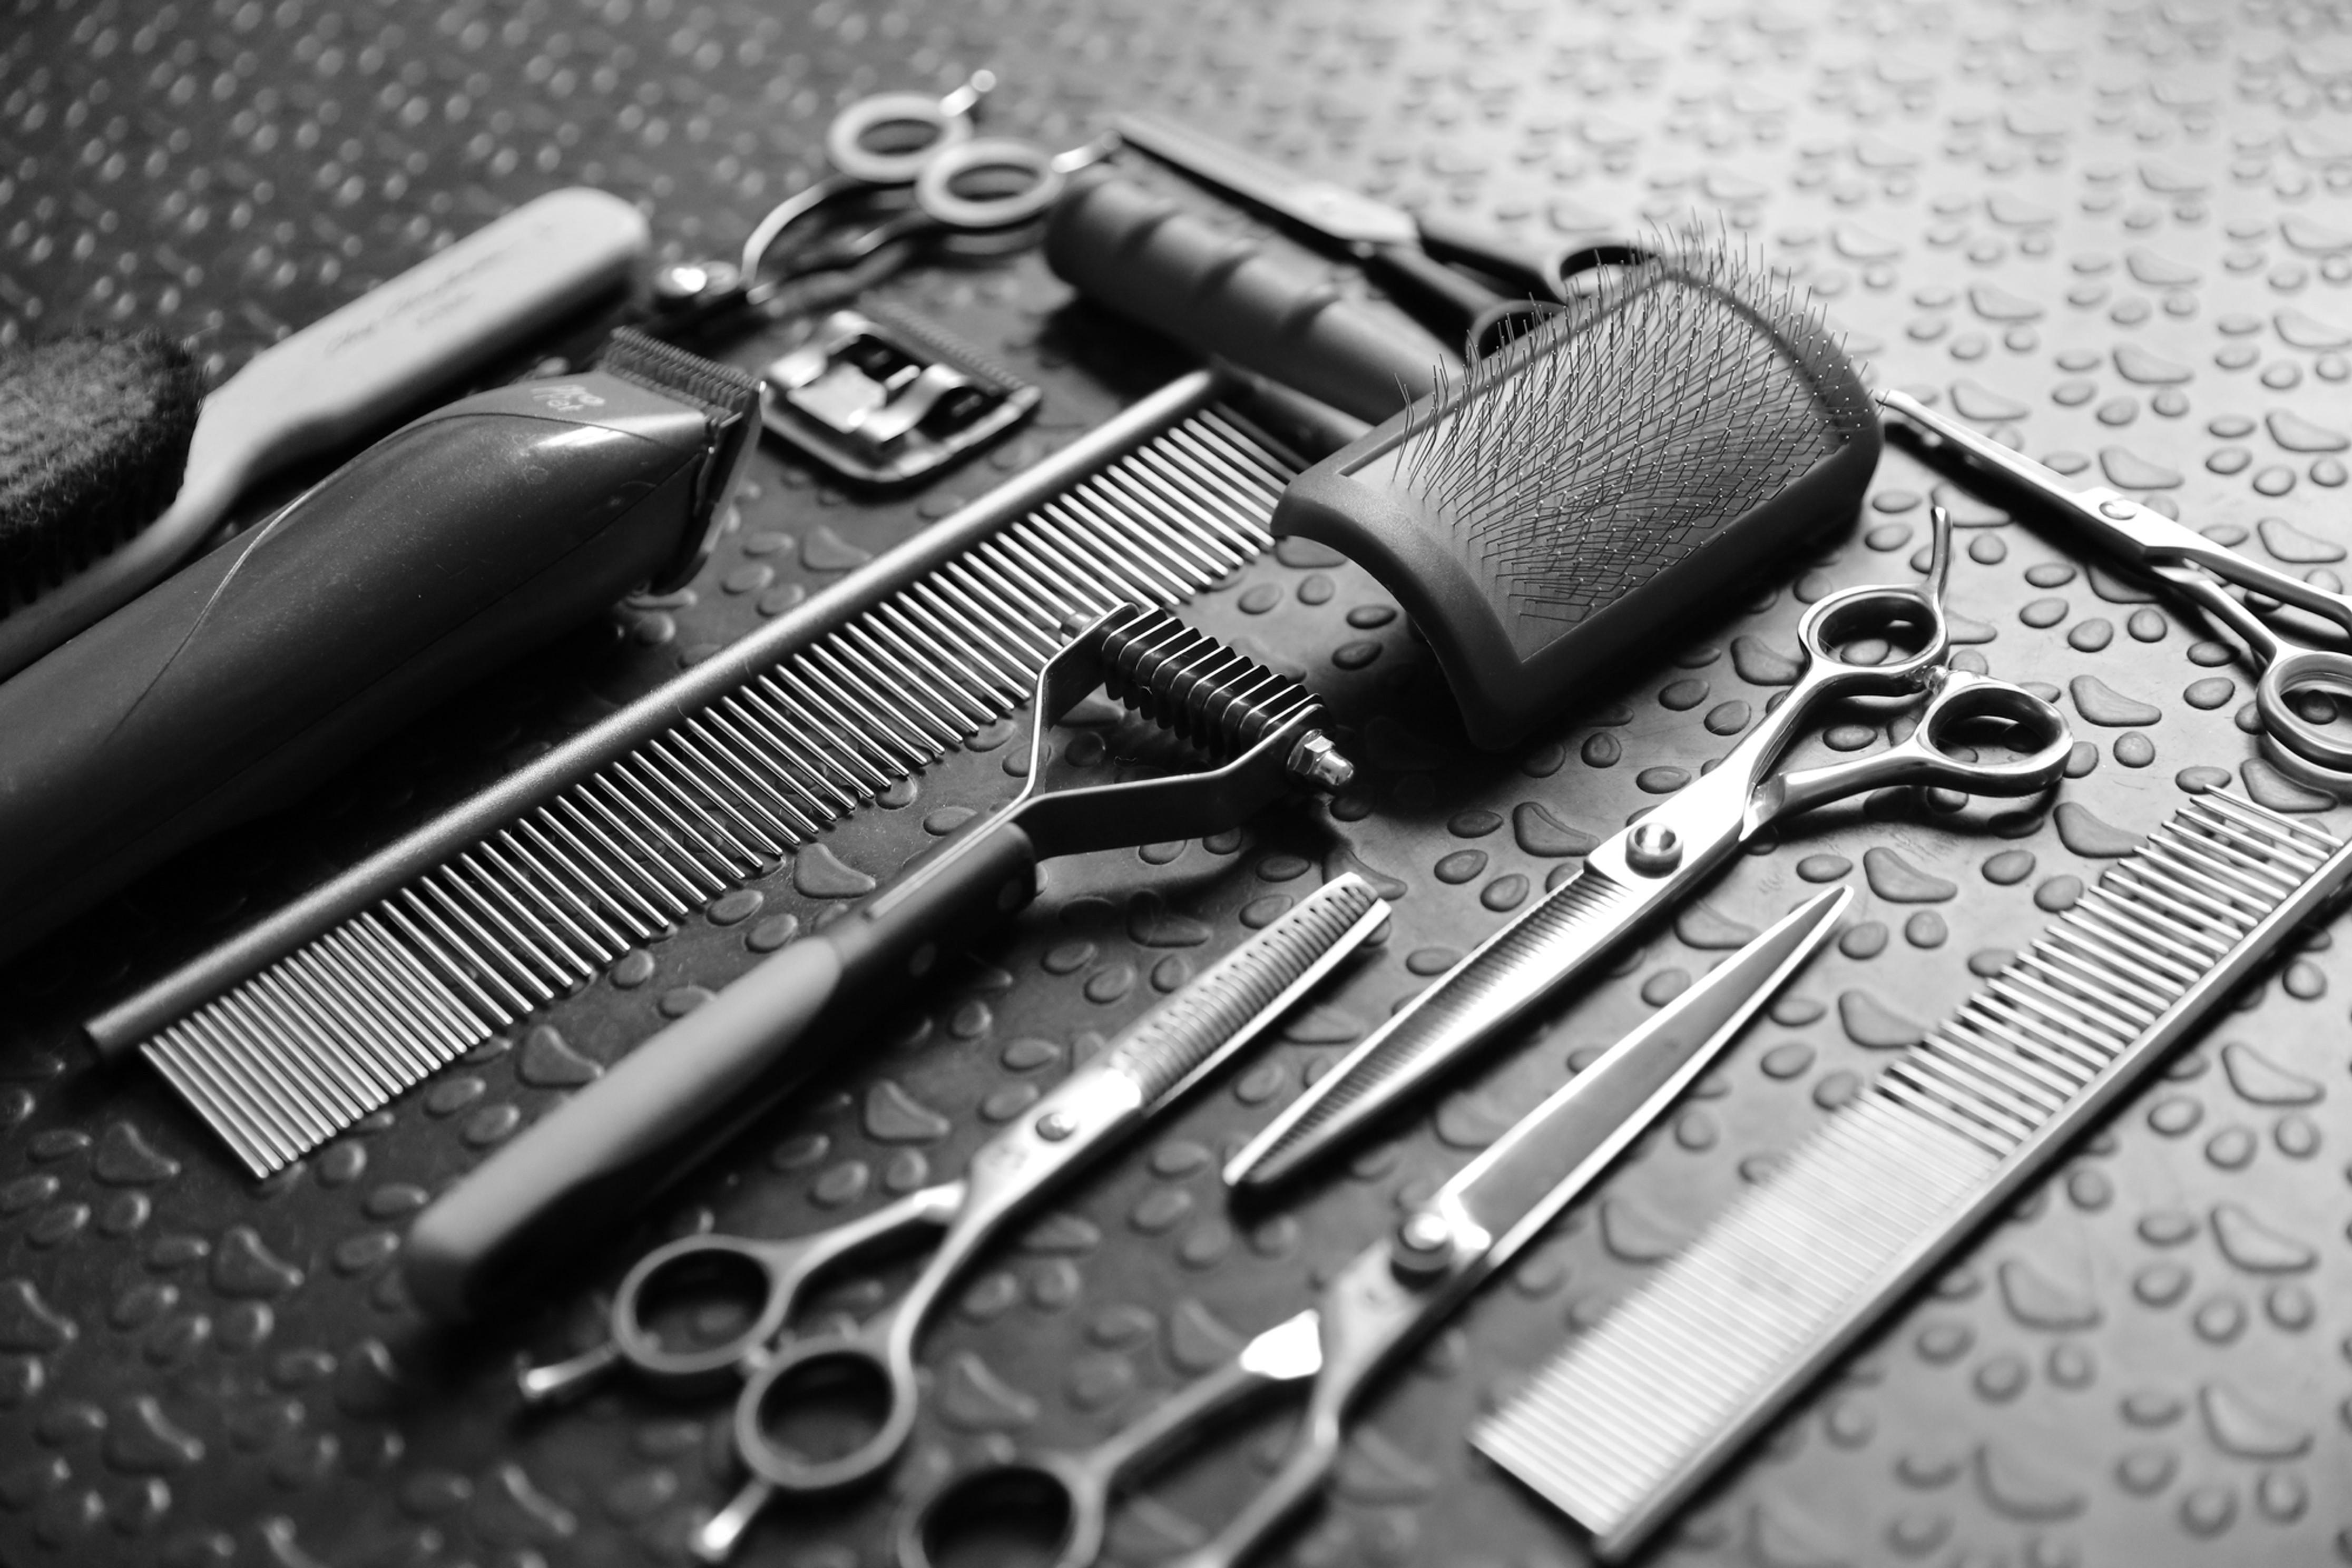 Servicing,Repairing & Sharpening